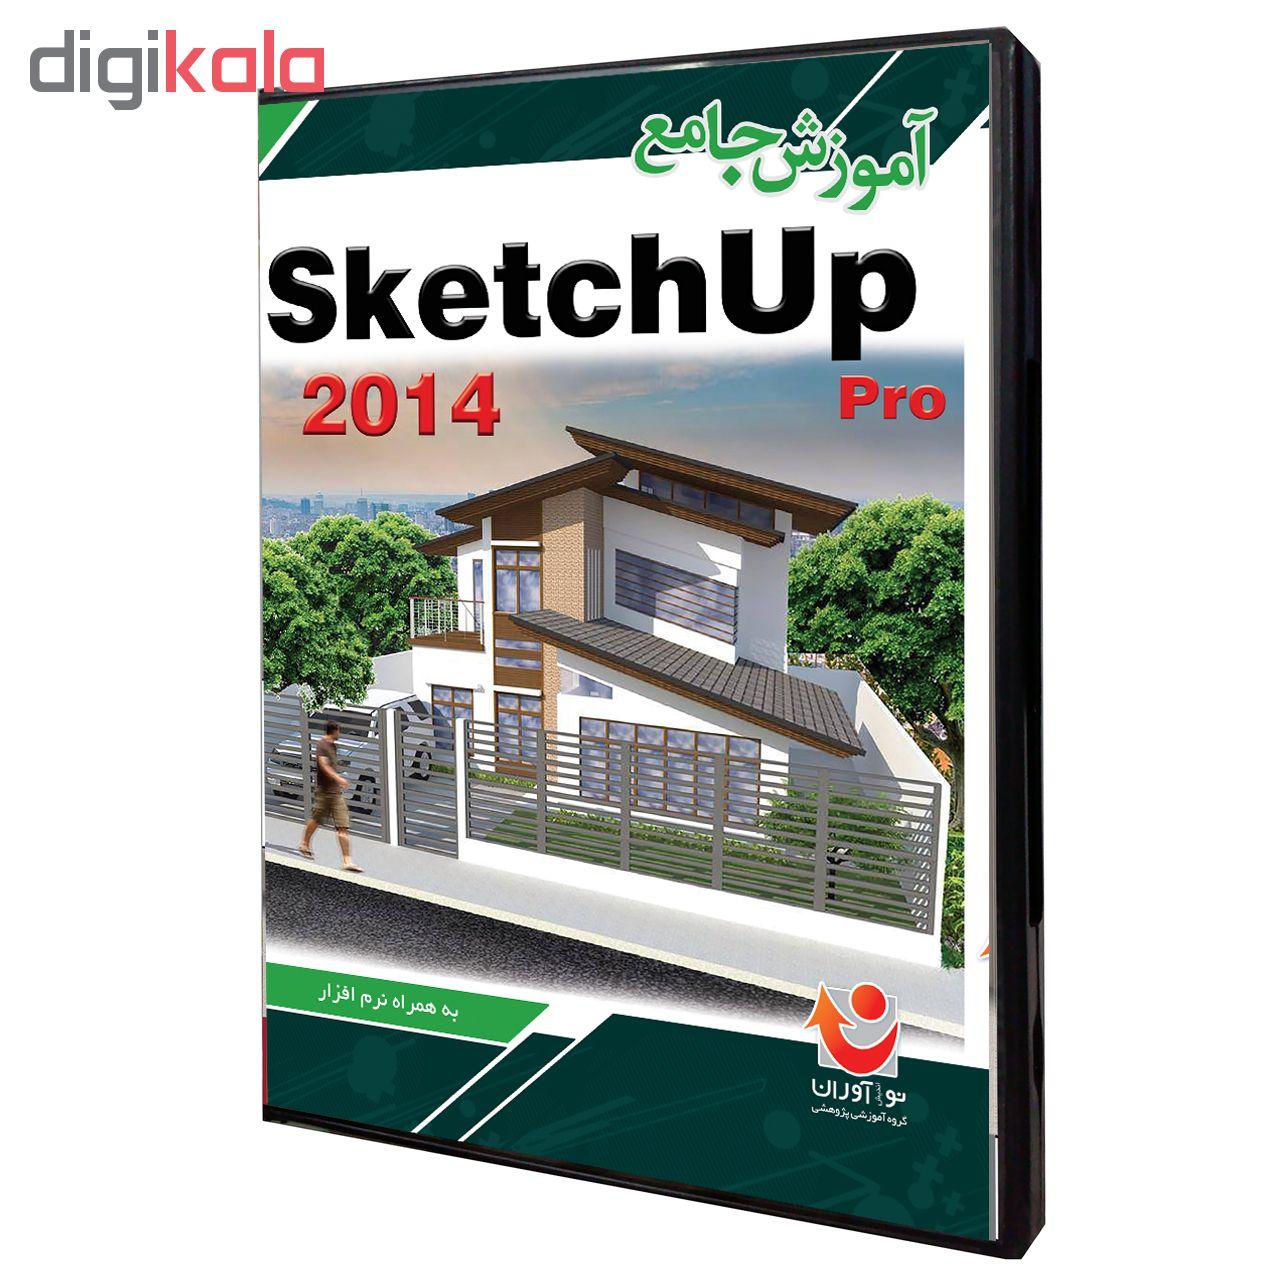 نرم افزار آموزش جامع SketchUp 2014